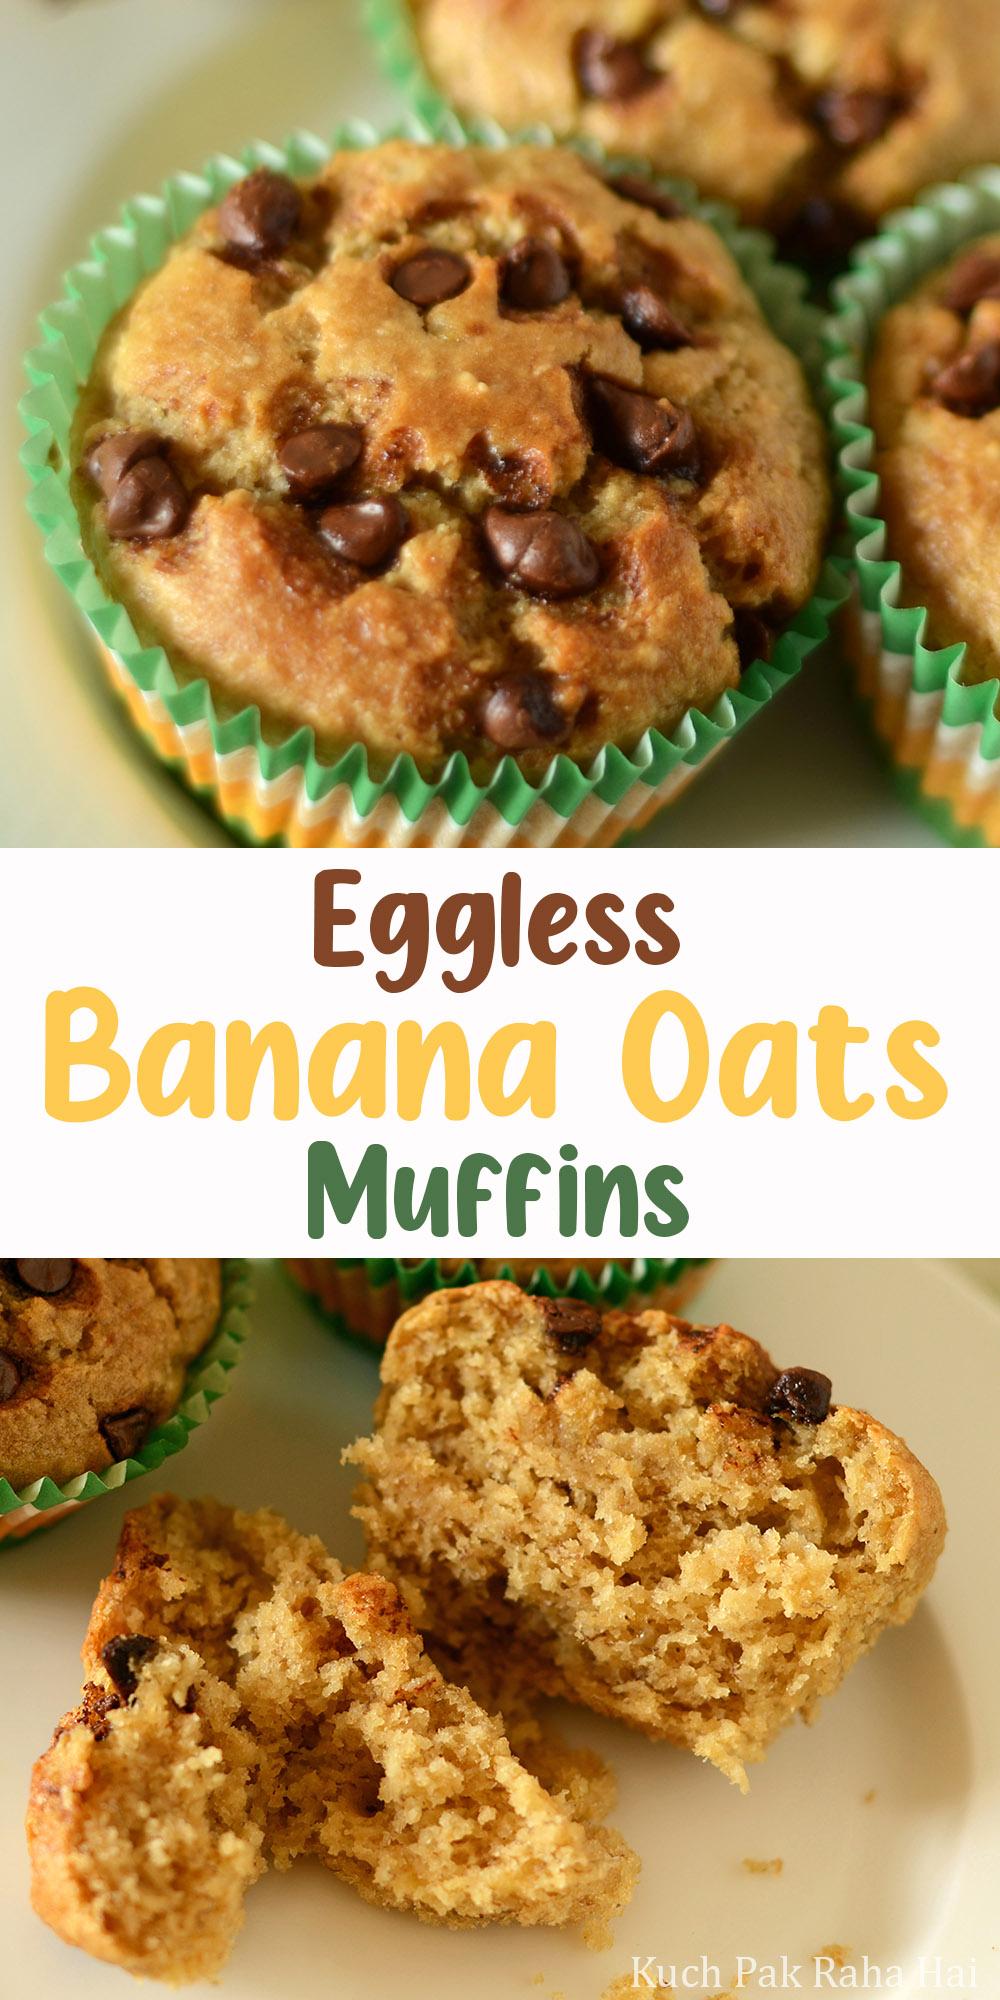 Eggless Banana Oats Muffin Recipe